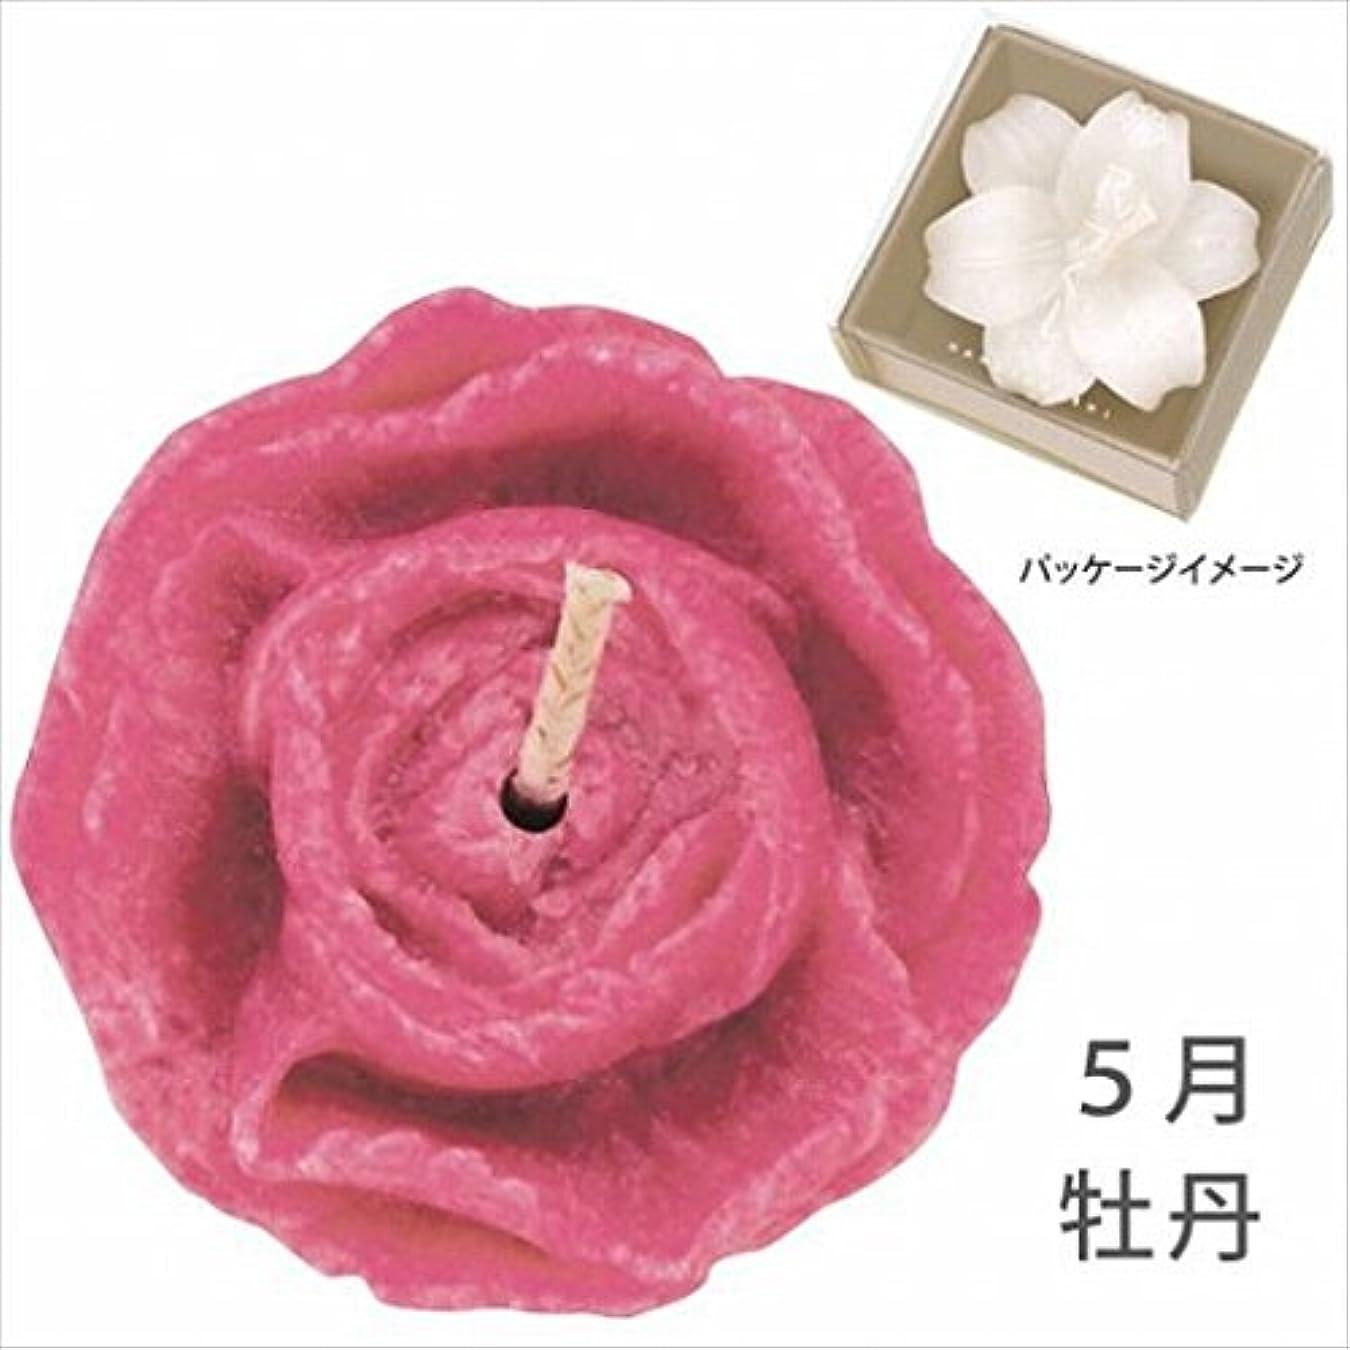 生産性倉庫に同意するカメヤマキャンドル(kameyama candle) 花づくし(植物性) 牡丹 「 牡丹(5月) 」 キャンドル